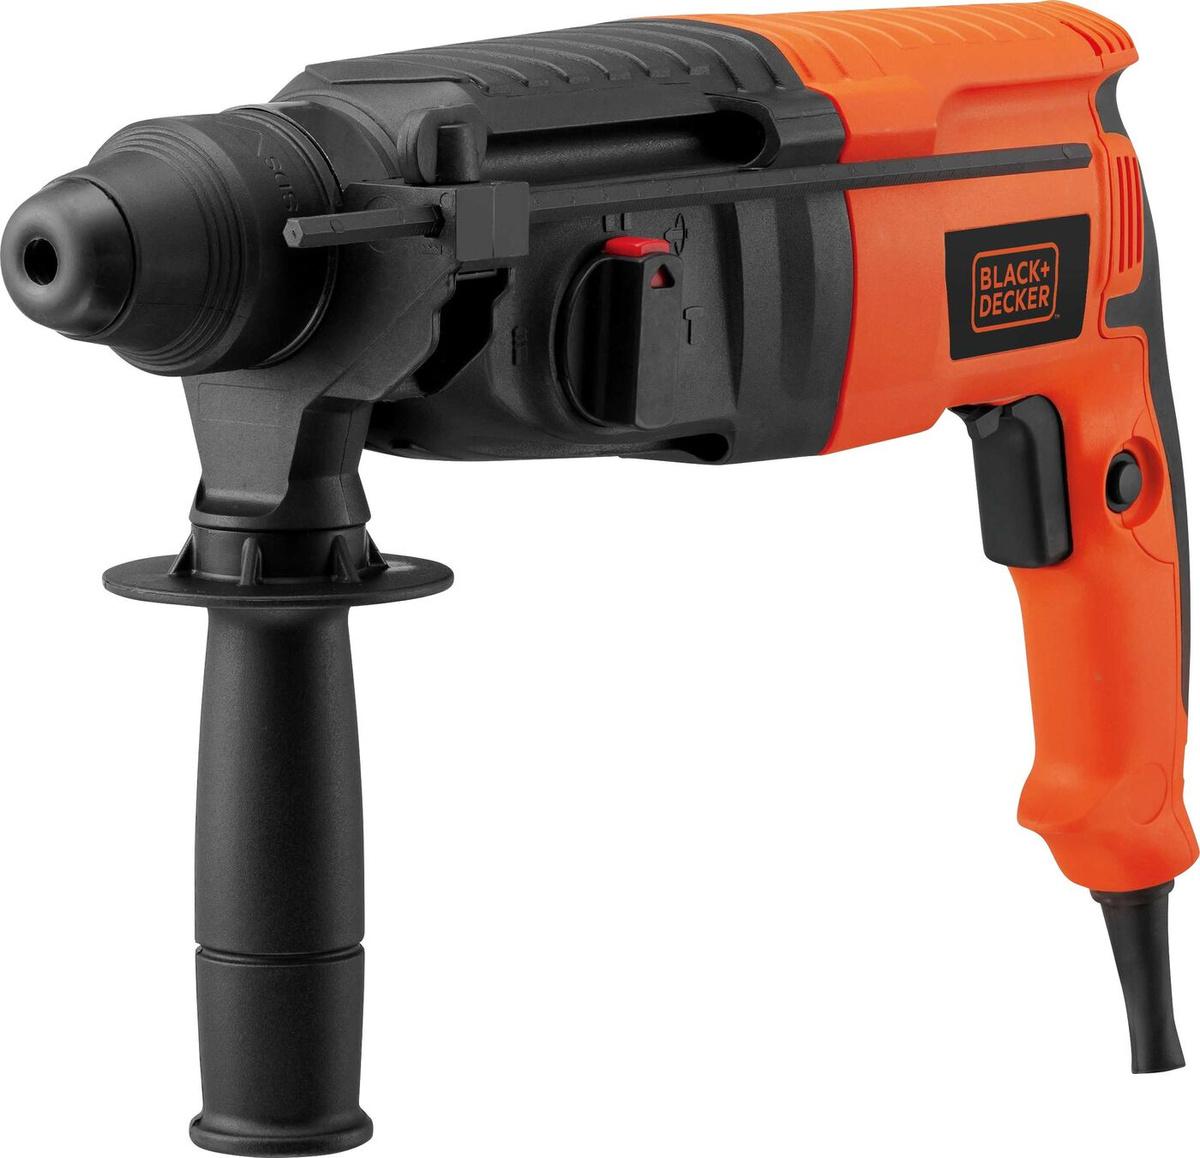 Перфоратор Black+Decker SDS-Plus, BDHR26KR-RU, оранжевый, черный, 800 Вт #1